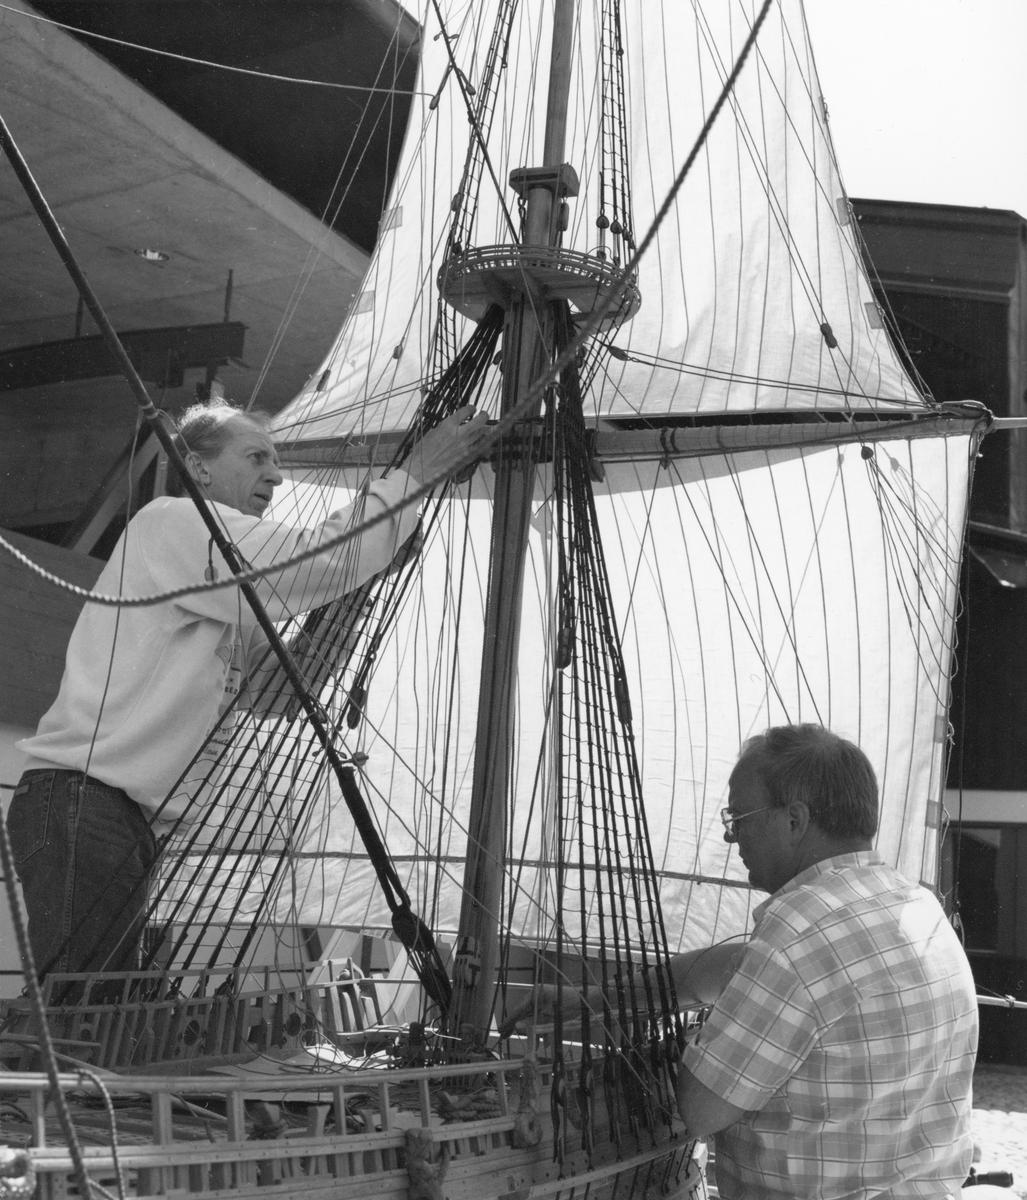 Modellbyggarna Göran Forss (t.v.) och Lennart Forsling i arbete med modellen av Vasa i skala 1:10.